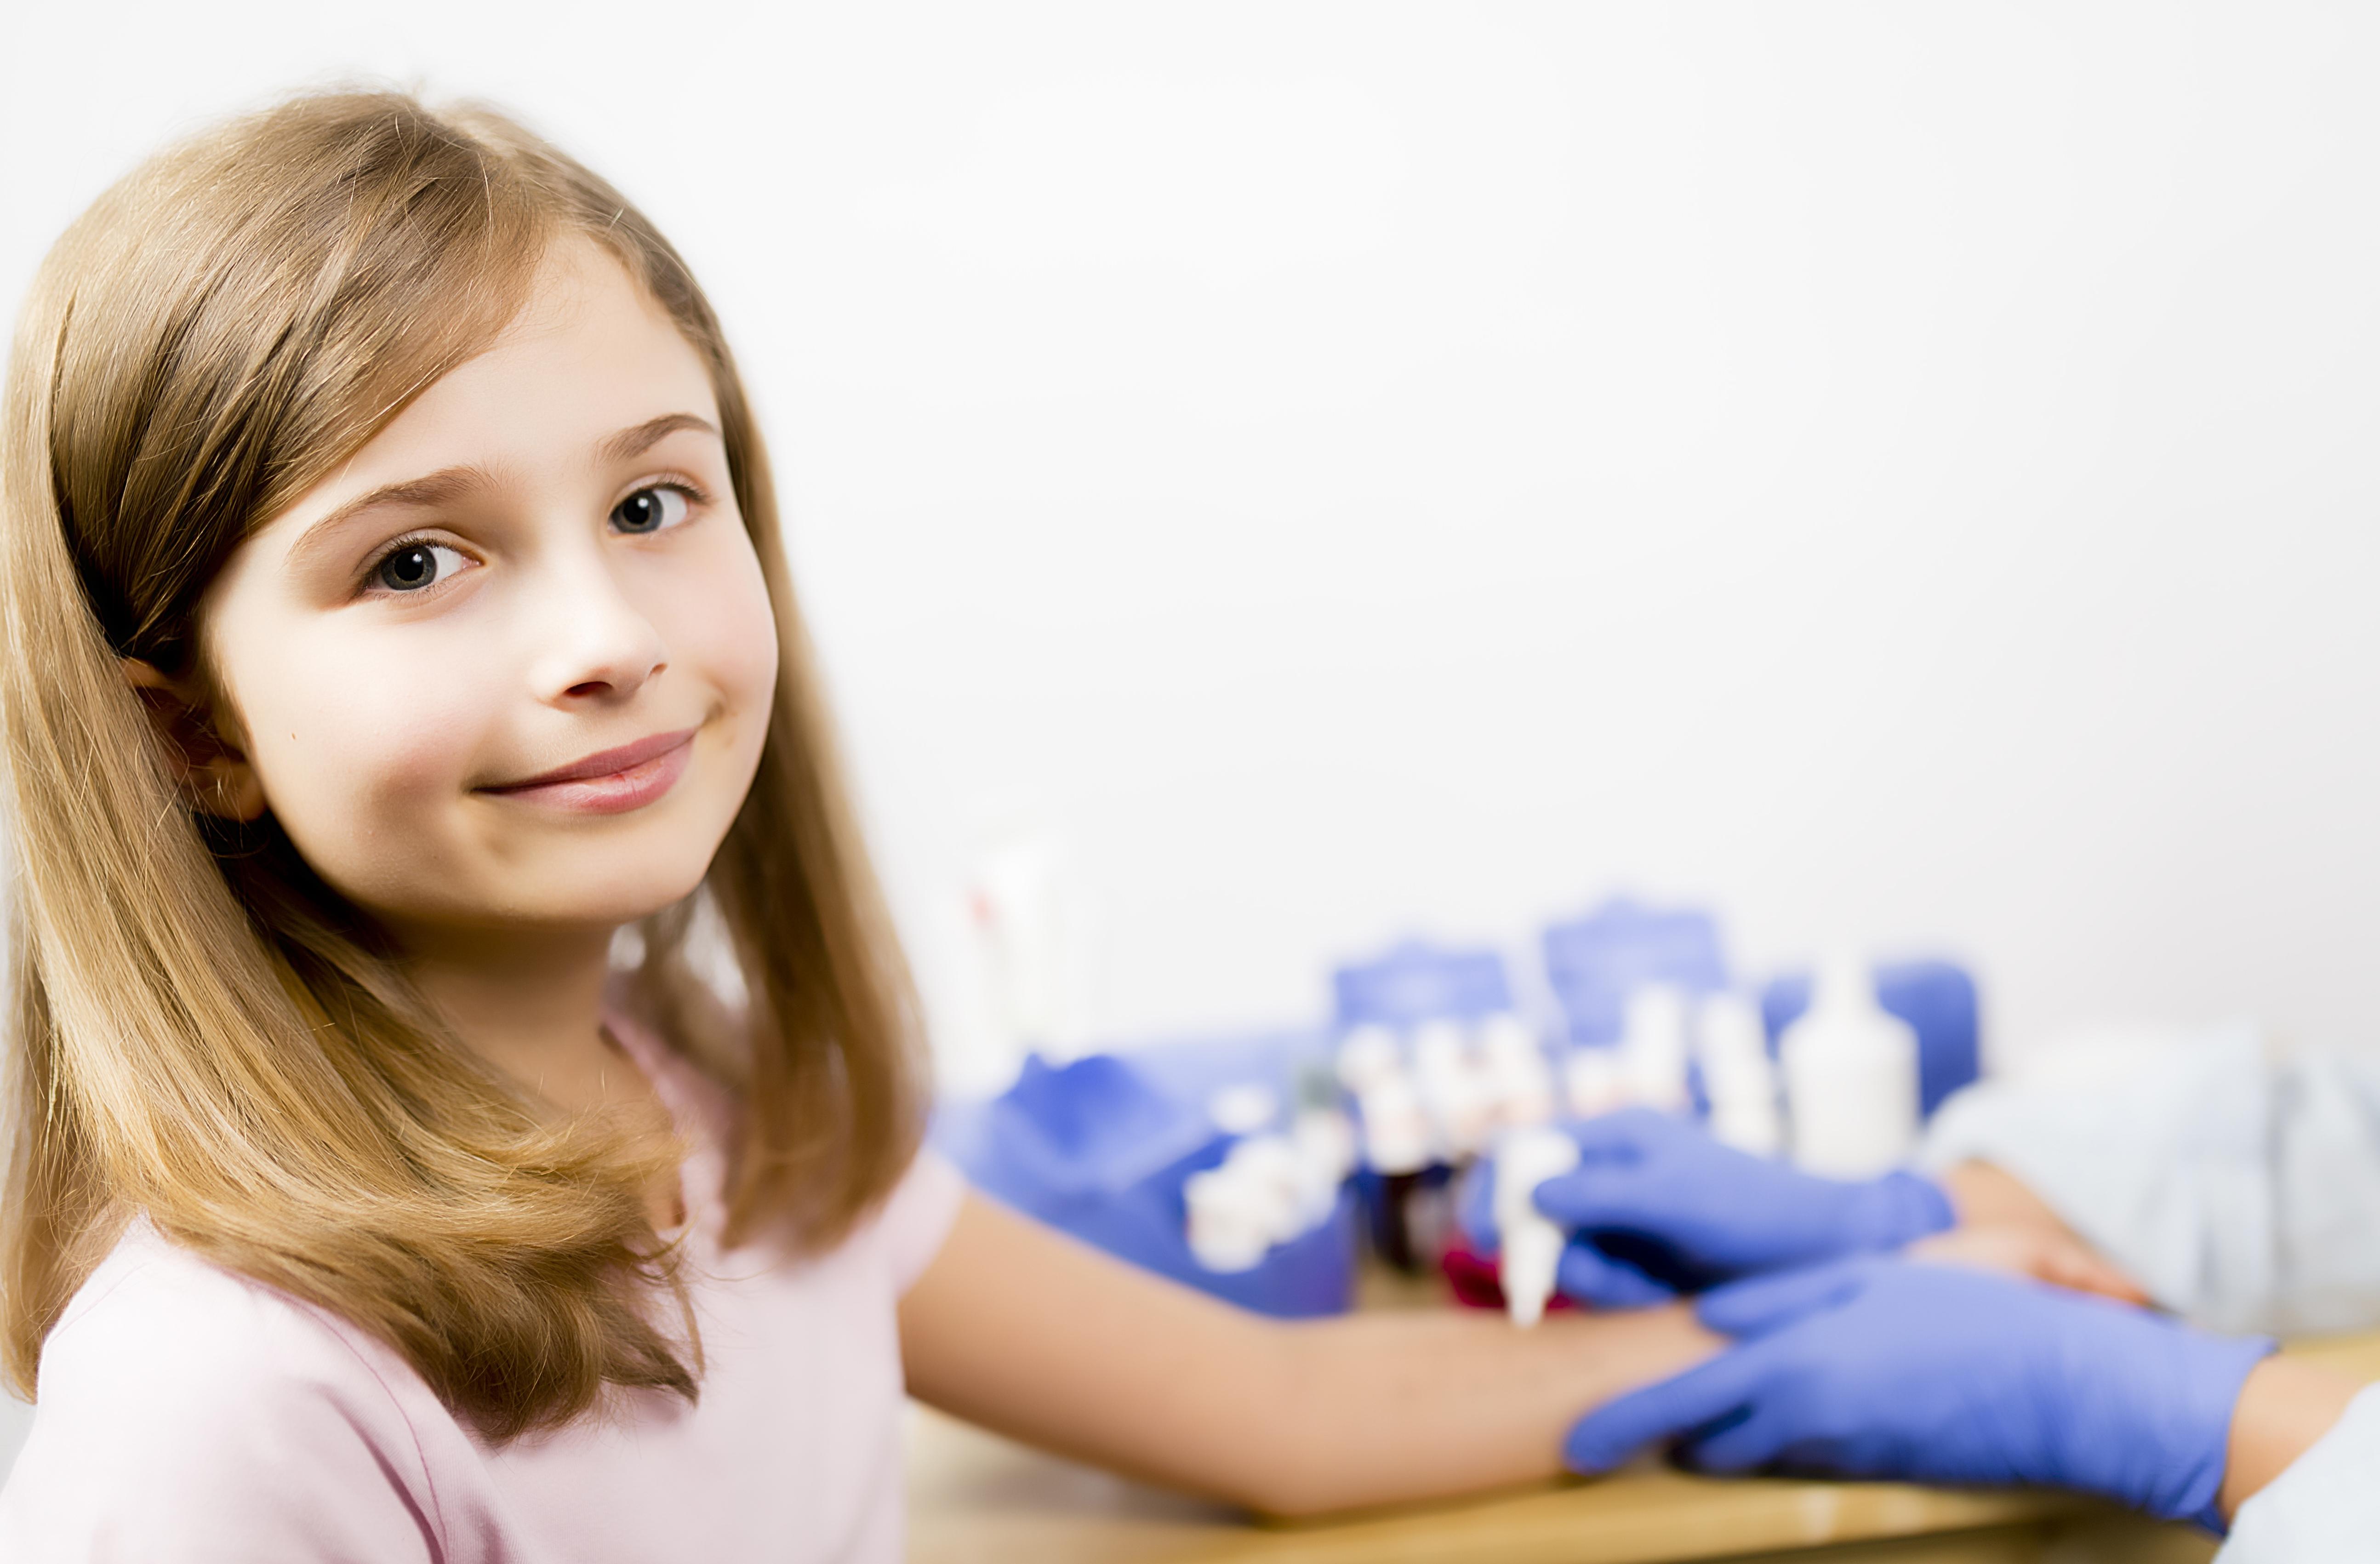 Allergen Skin Testing